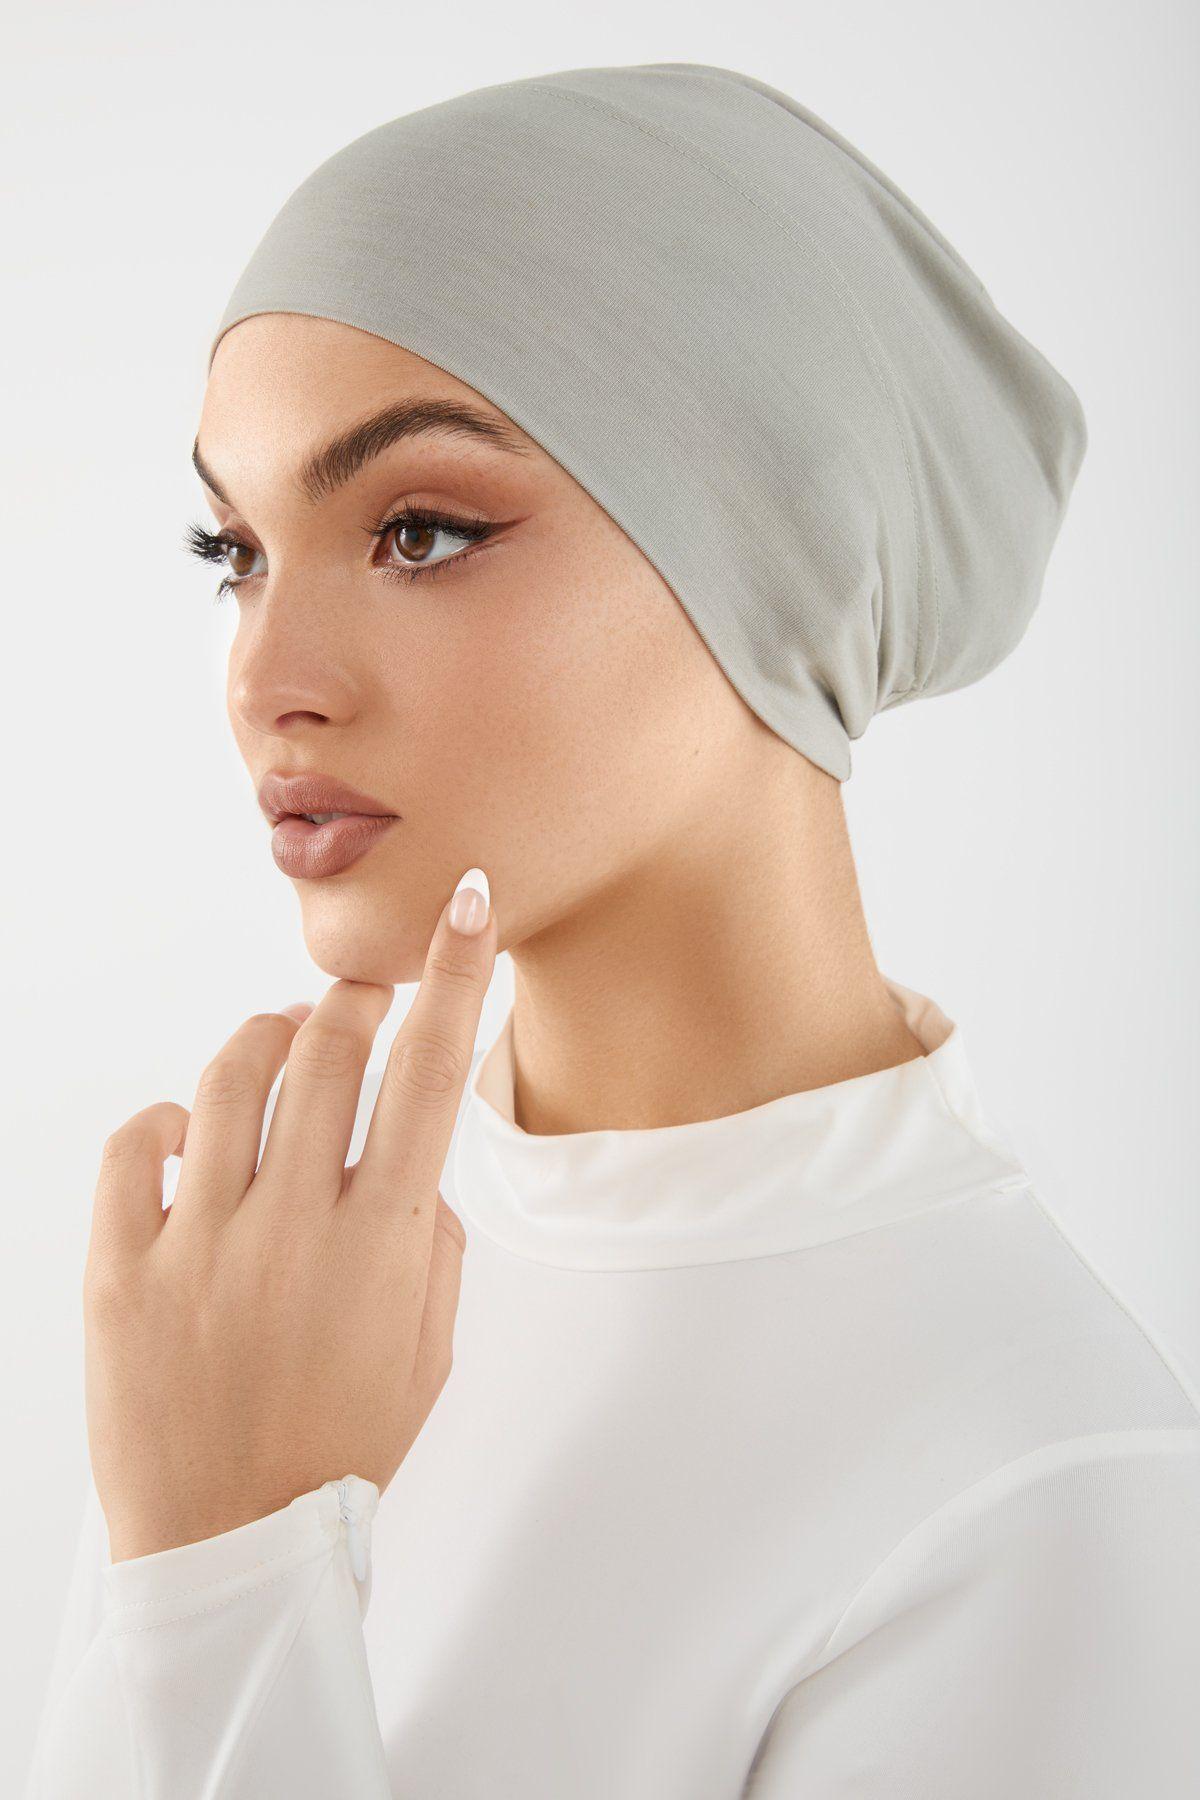 حجابات 2021 باندانا قطنية تحت الحجاب قمطة تحت الحجاب طرحة قطنية